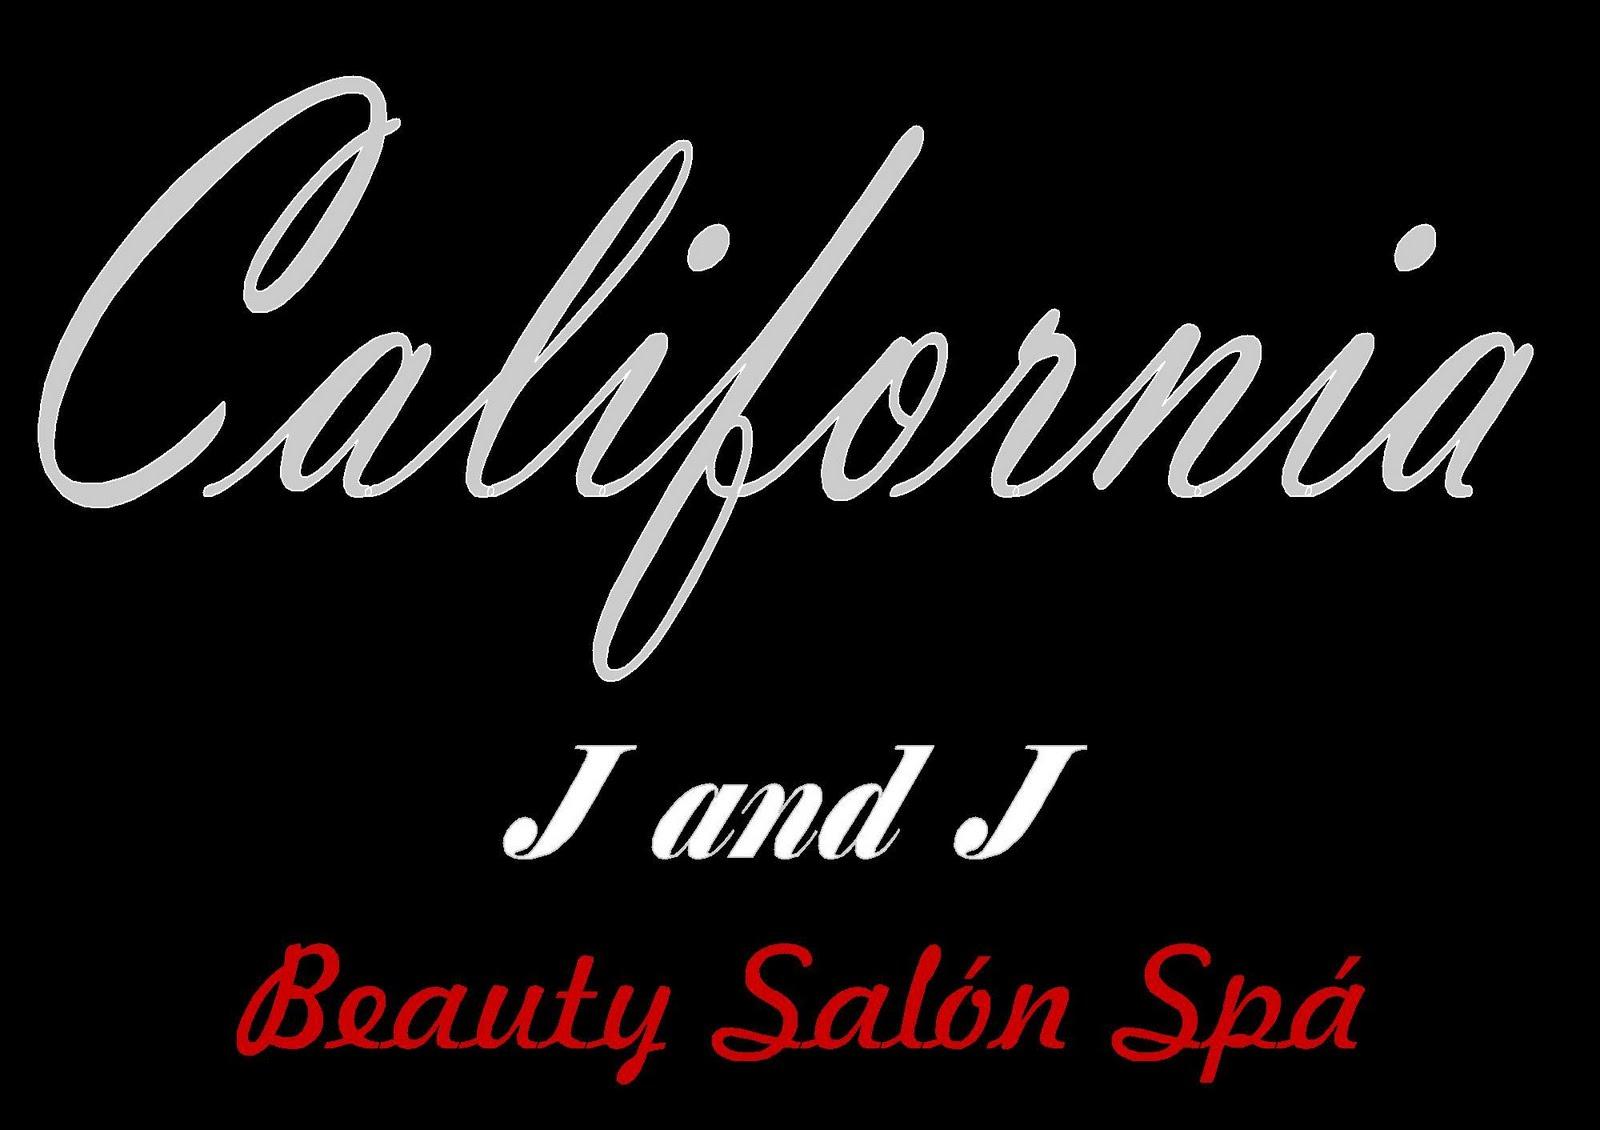 California salon spa california salon spa for Salon spa 2